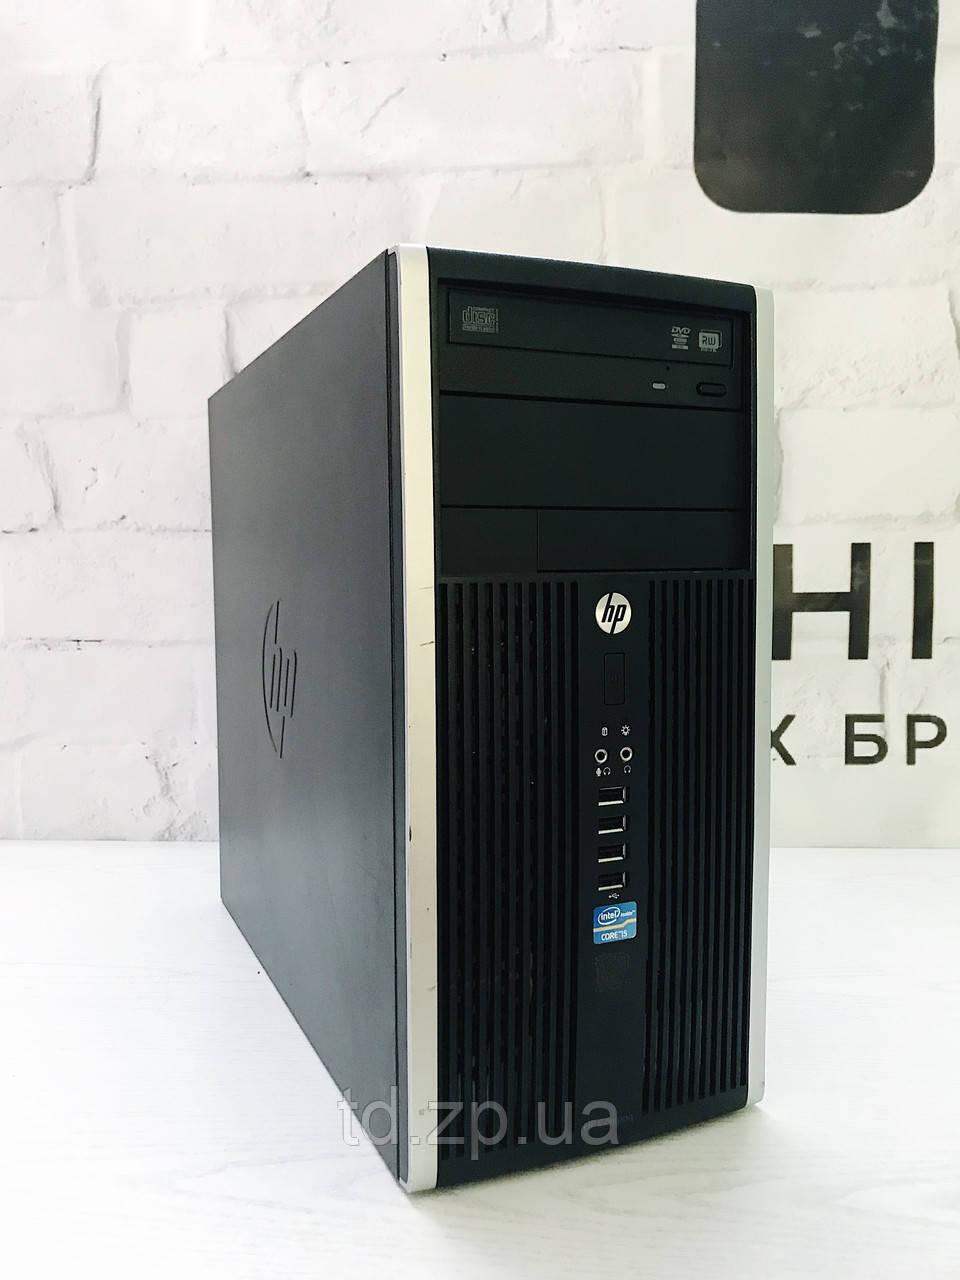 Системный блок HP МТ Compaq 8200 Elite Intel G850/4Gb DDR3/250Gb HDD/DVD